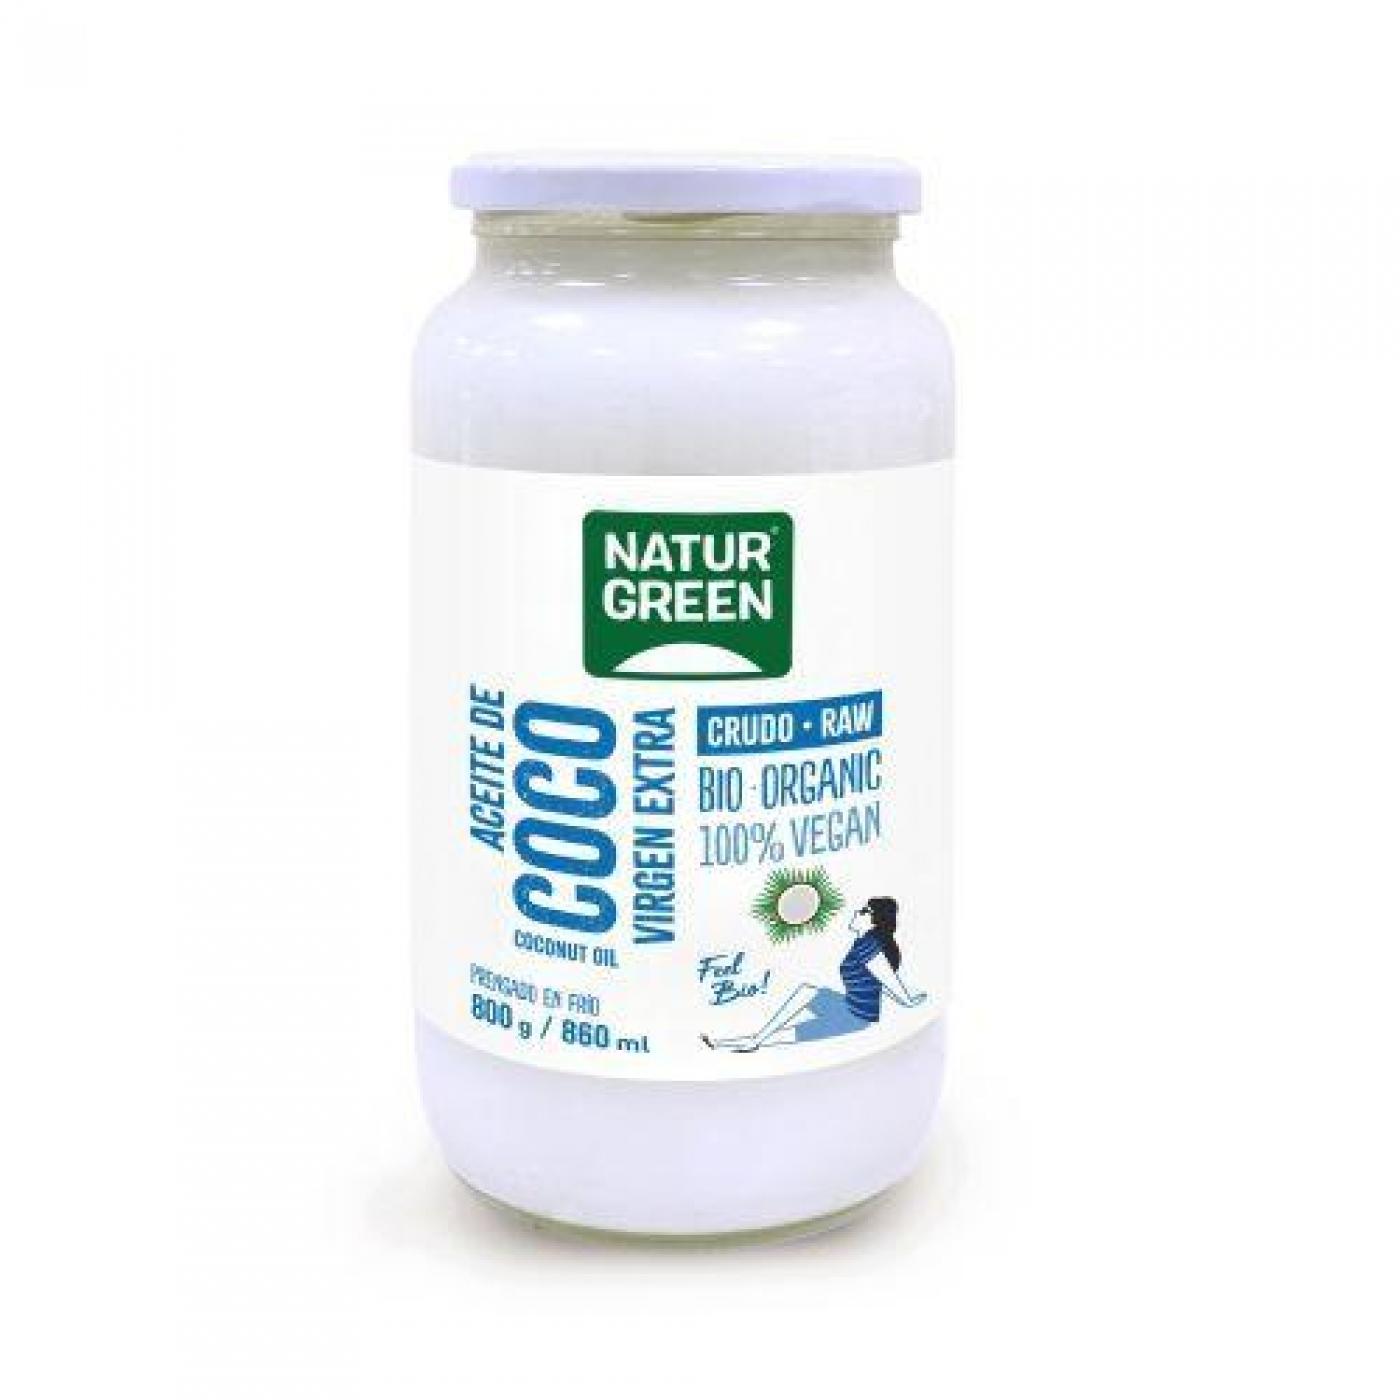 NaturGreen Aceite de Coco Bio